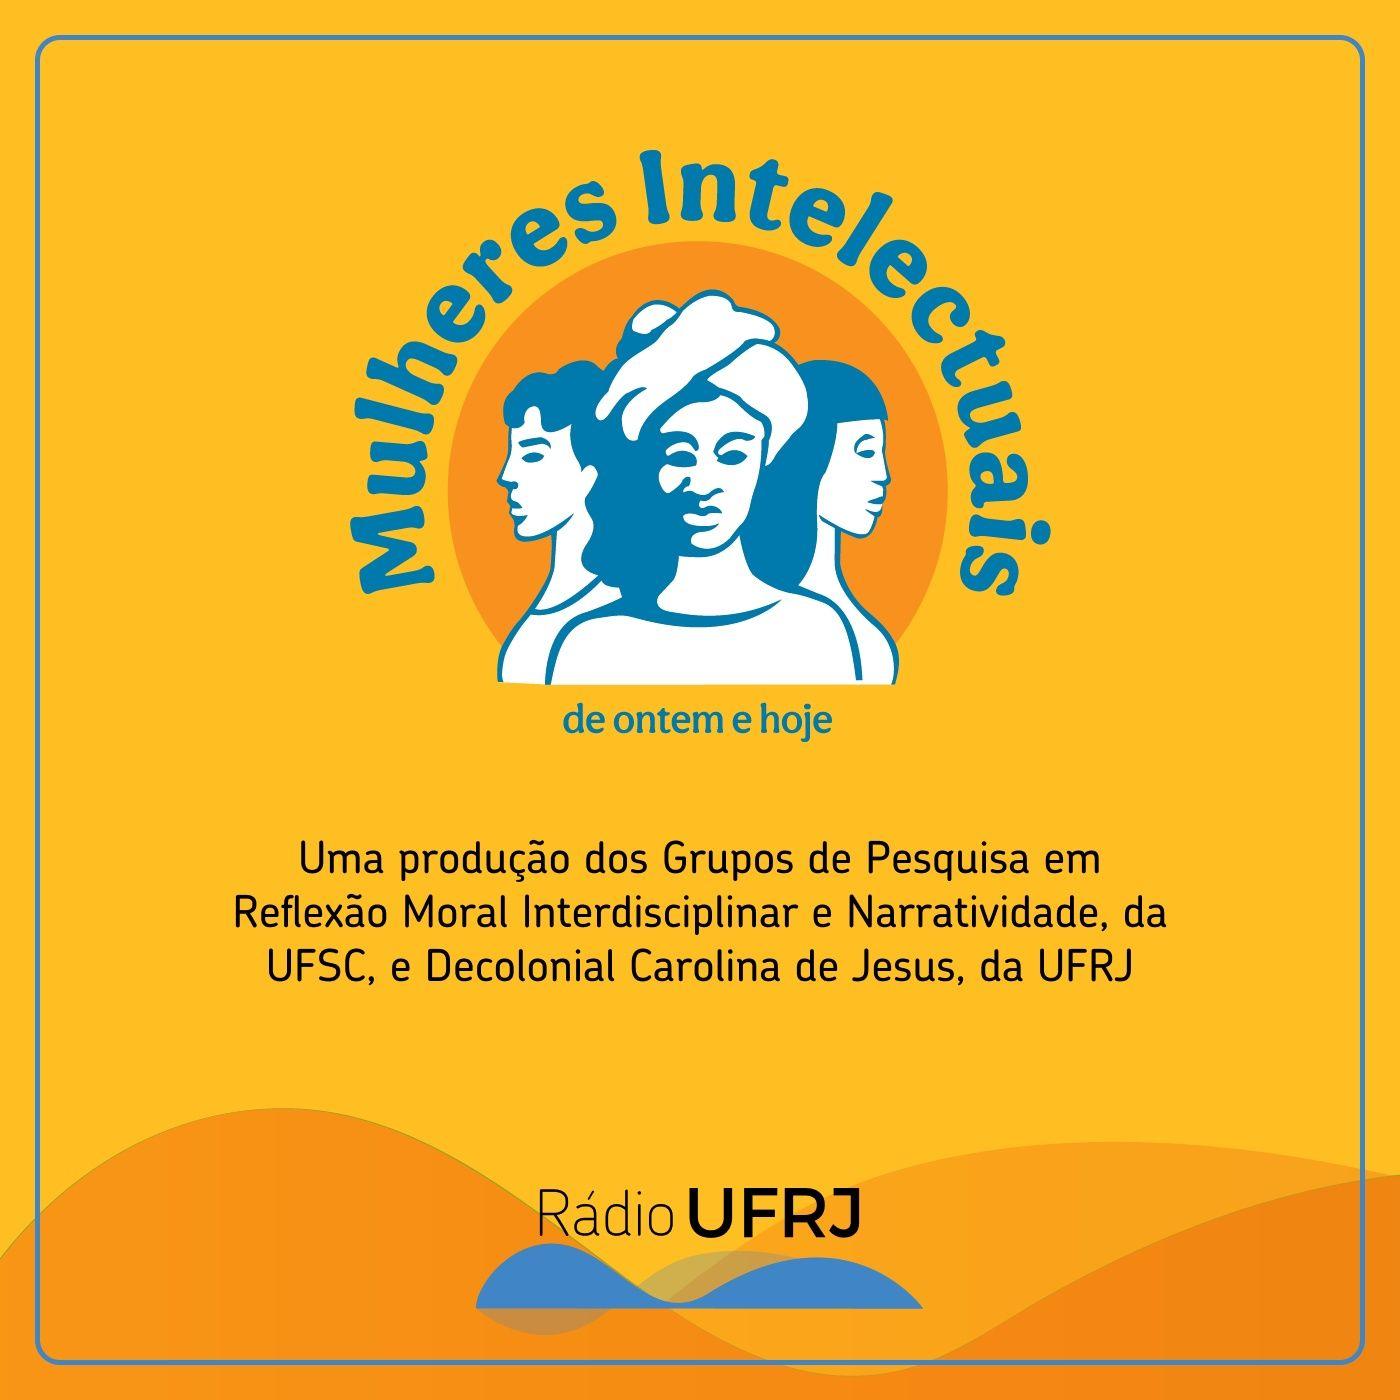 Rádio UFRJ - Mulheres Intelectuais de Ontem e Hoje